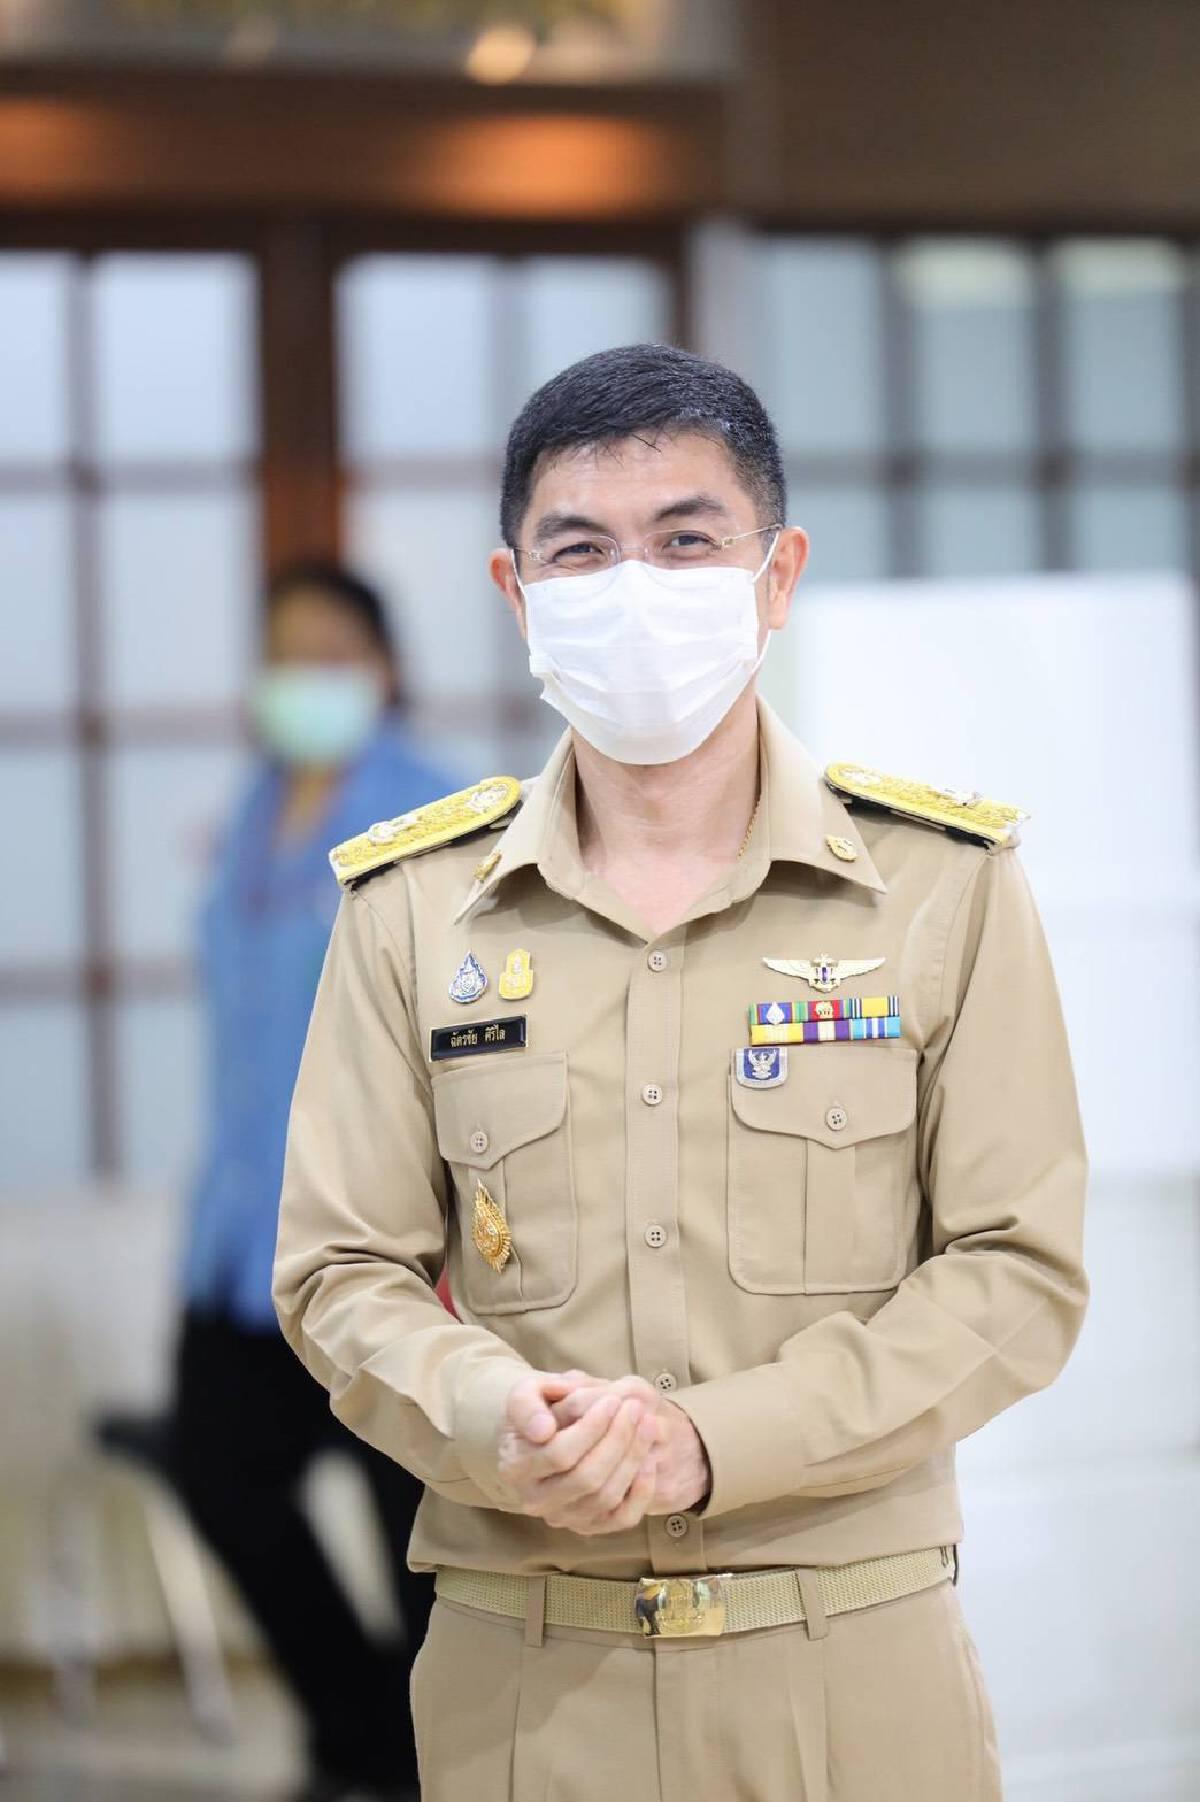 ธอส. ขยายเวลา รวมไทย สร้างชาติ พร้อมปิดลงทะเบียน 2มาตรการพักชำระหนี้